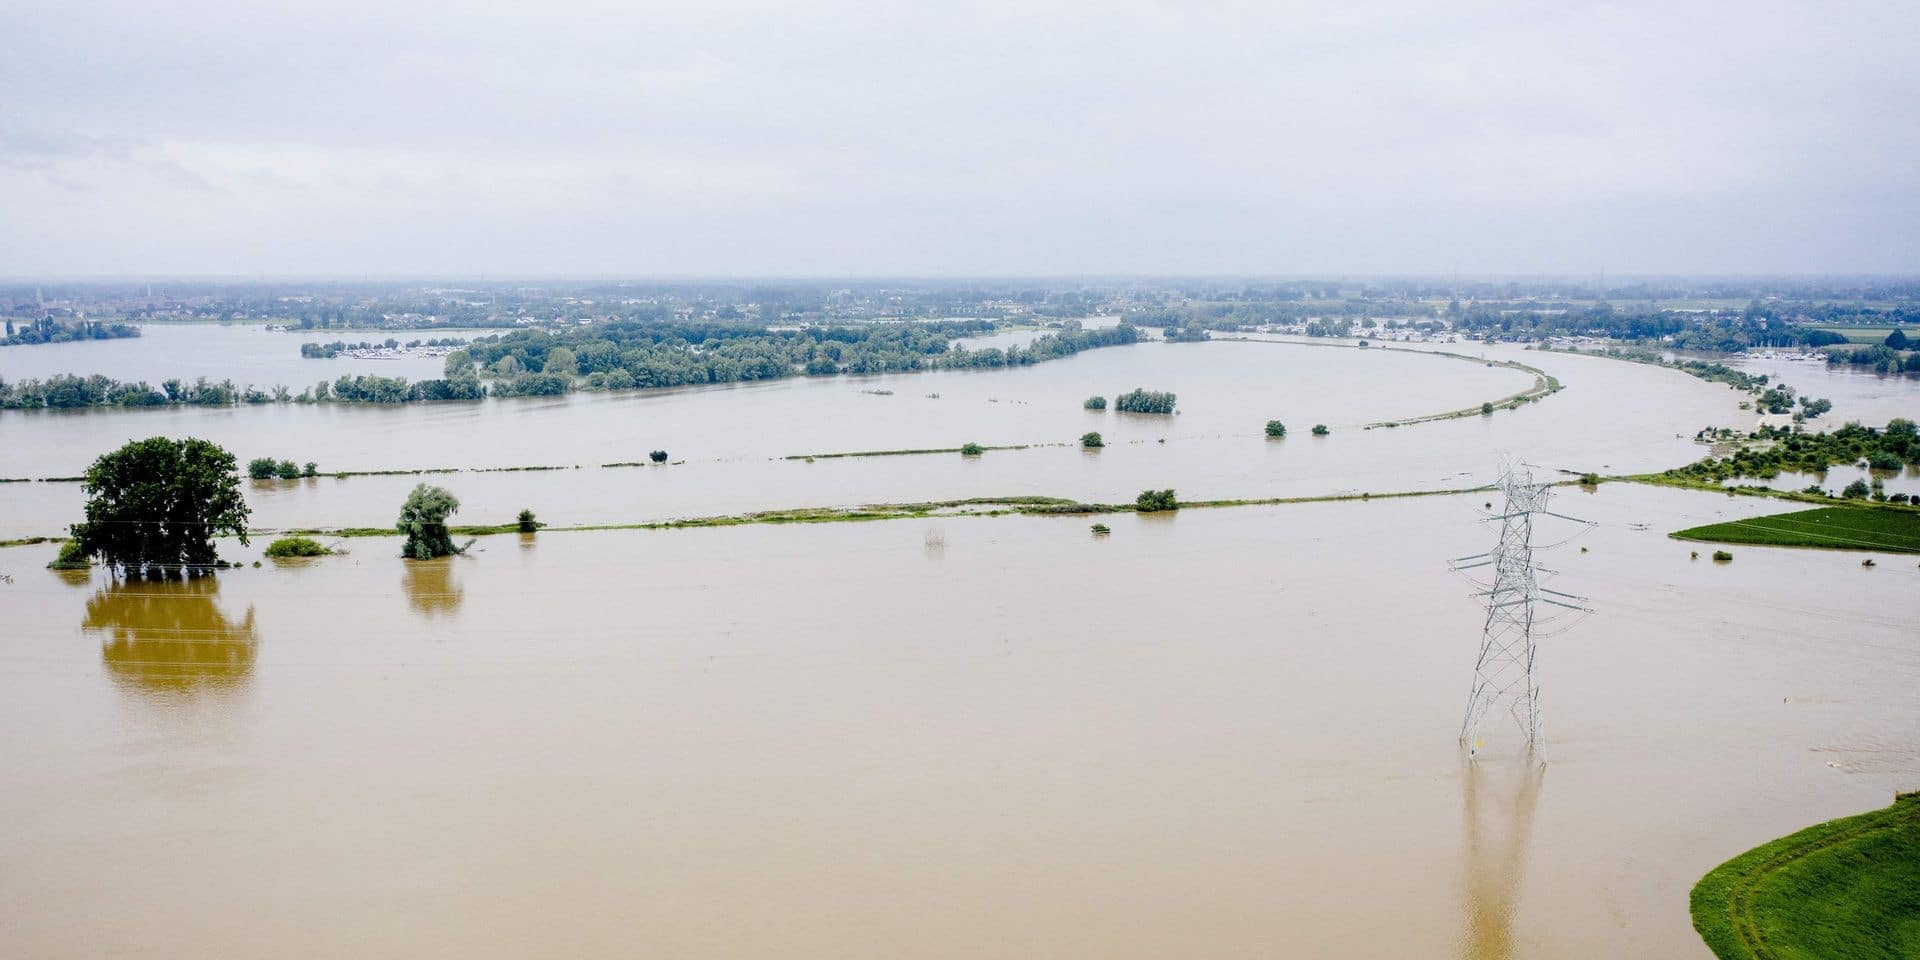 Intempéries : rupture d'une digue aux Pays-Bas sur le canal Juliana, appel à quitter le territoire